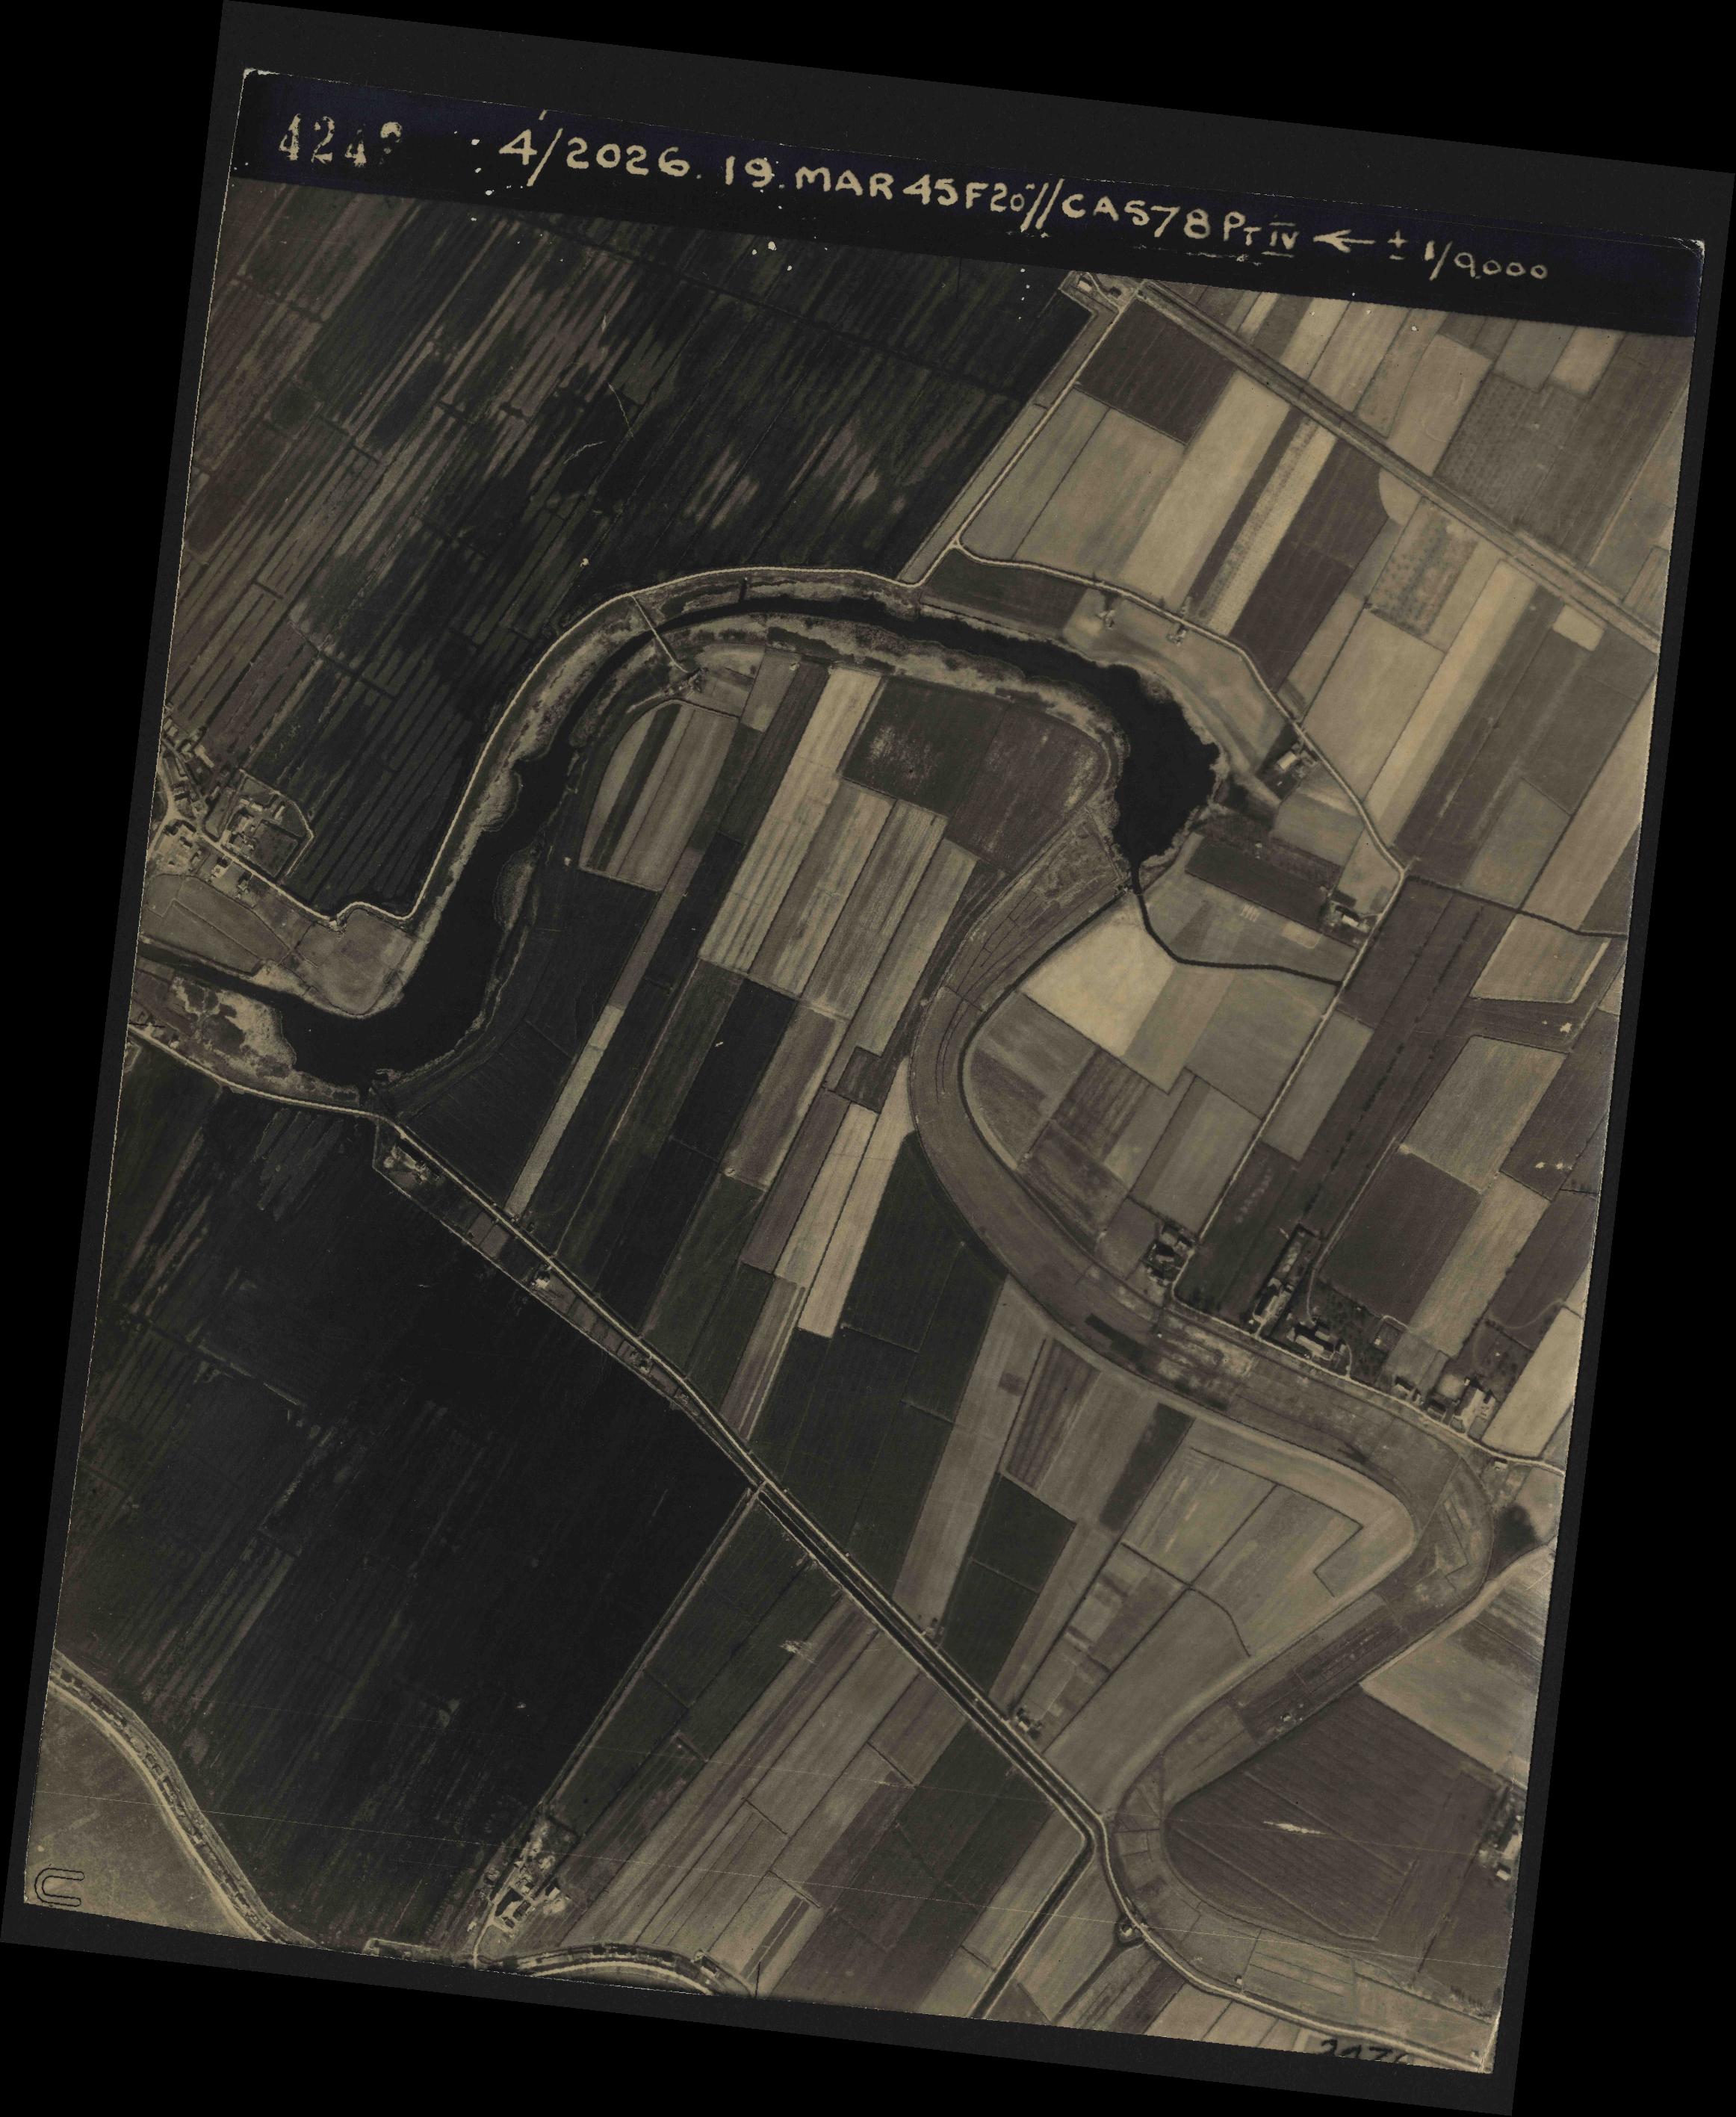 Collection RAF aerial photos 1940-1945 - flight 012, run 06, photo 4242